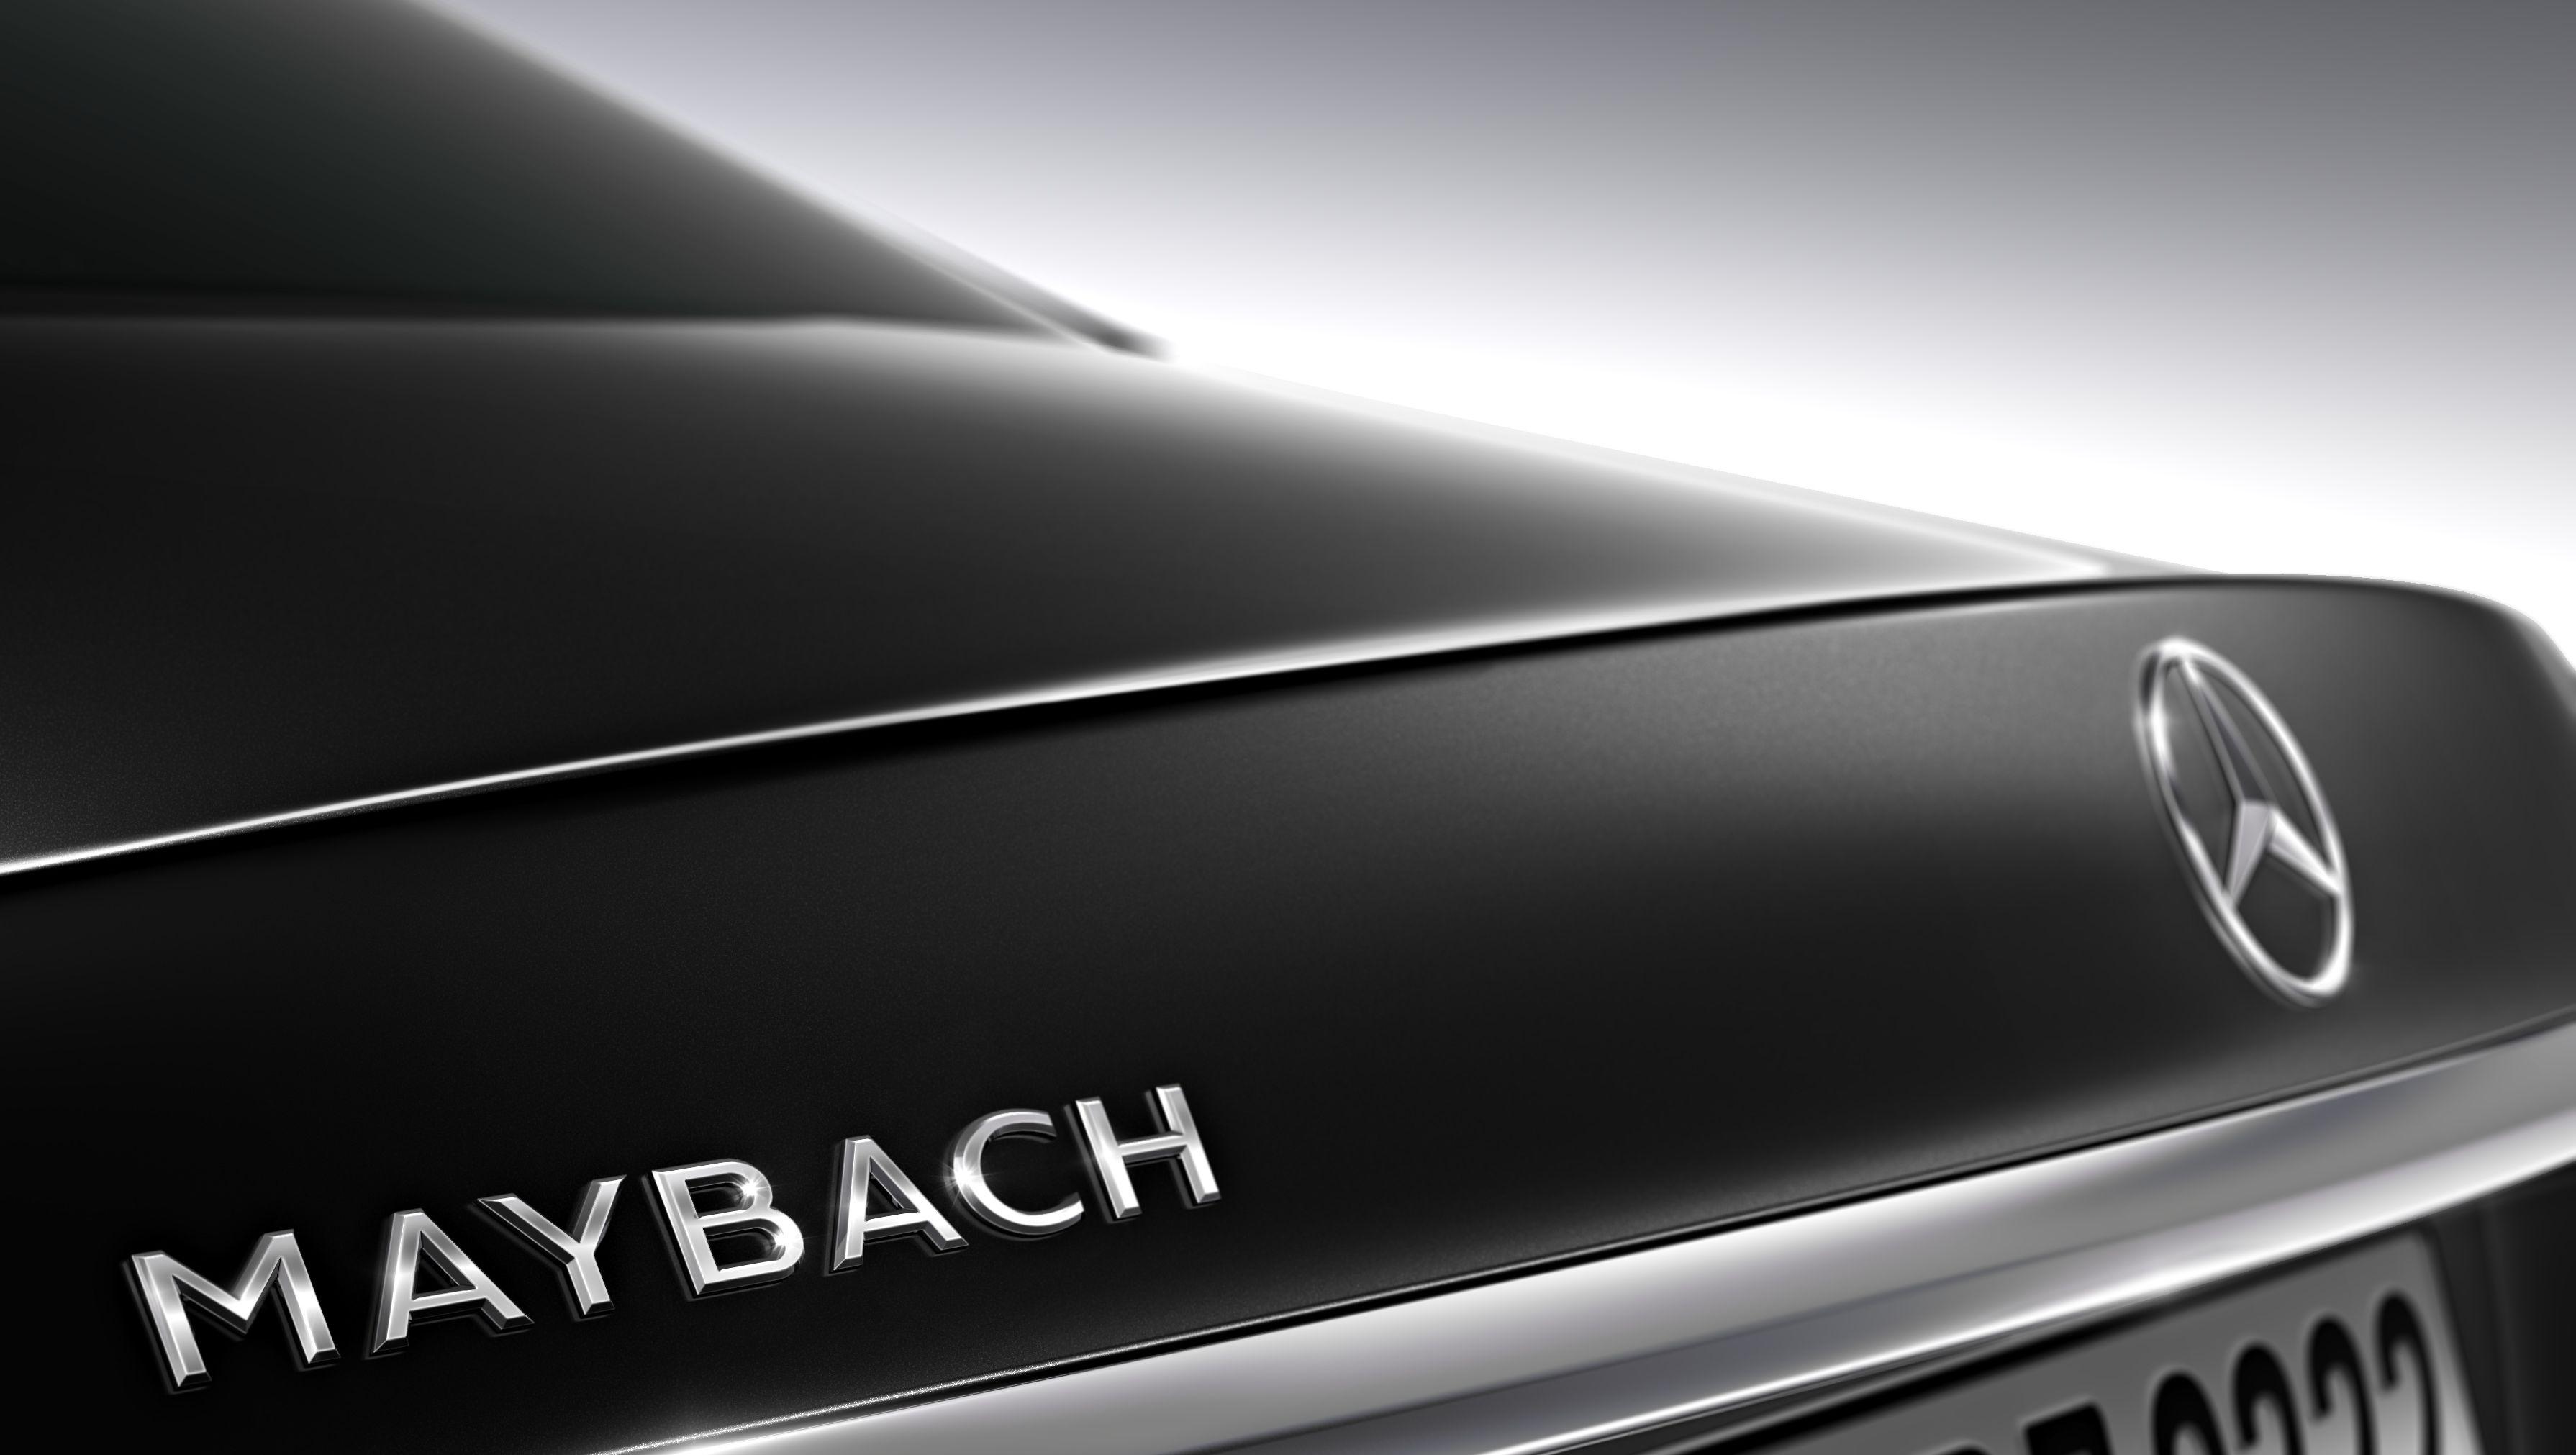 Mercedes-Maybach Classe S e novità nella nomenclatura